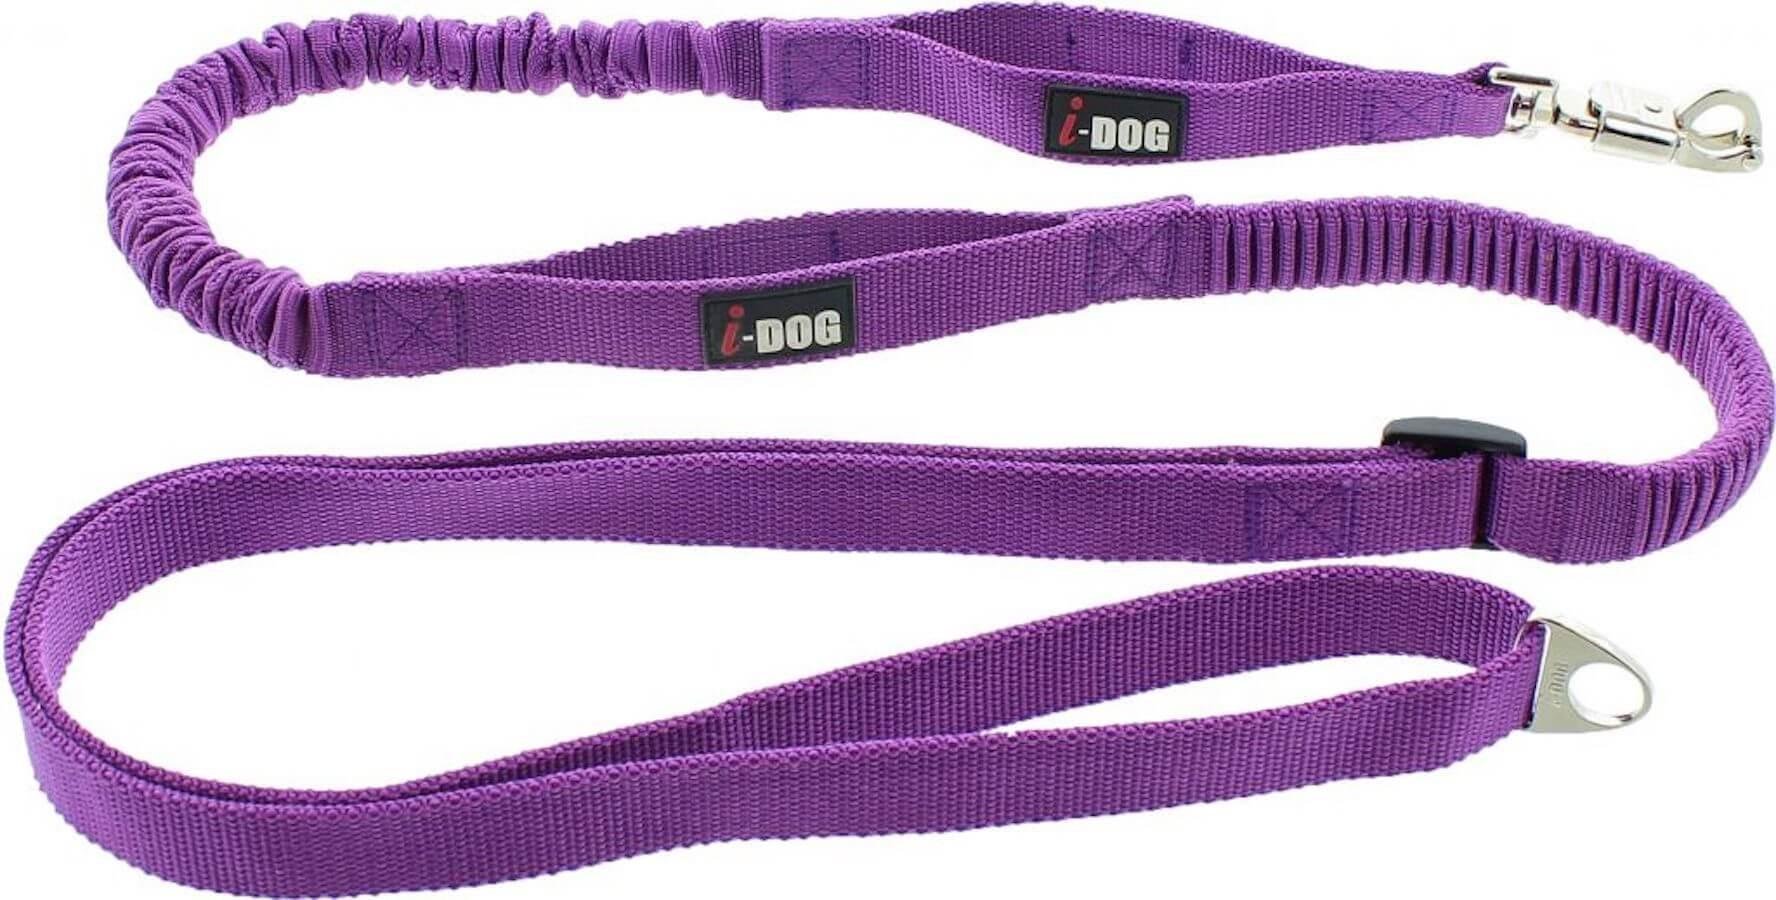 I-DOG Laisse de Traction Canicross Violet/Gris - La Compagnie des Animaux